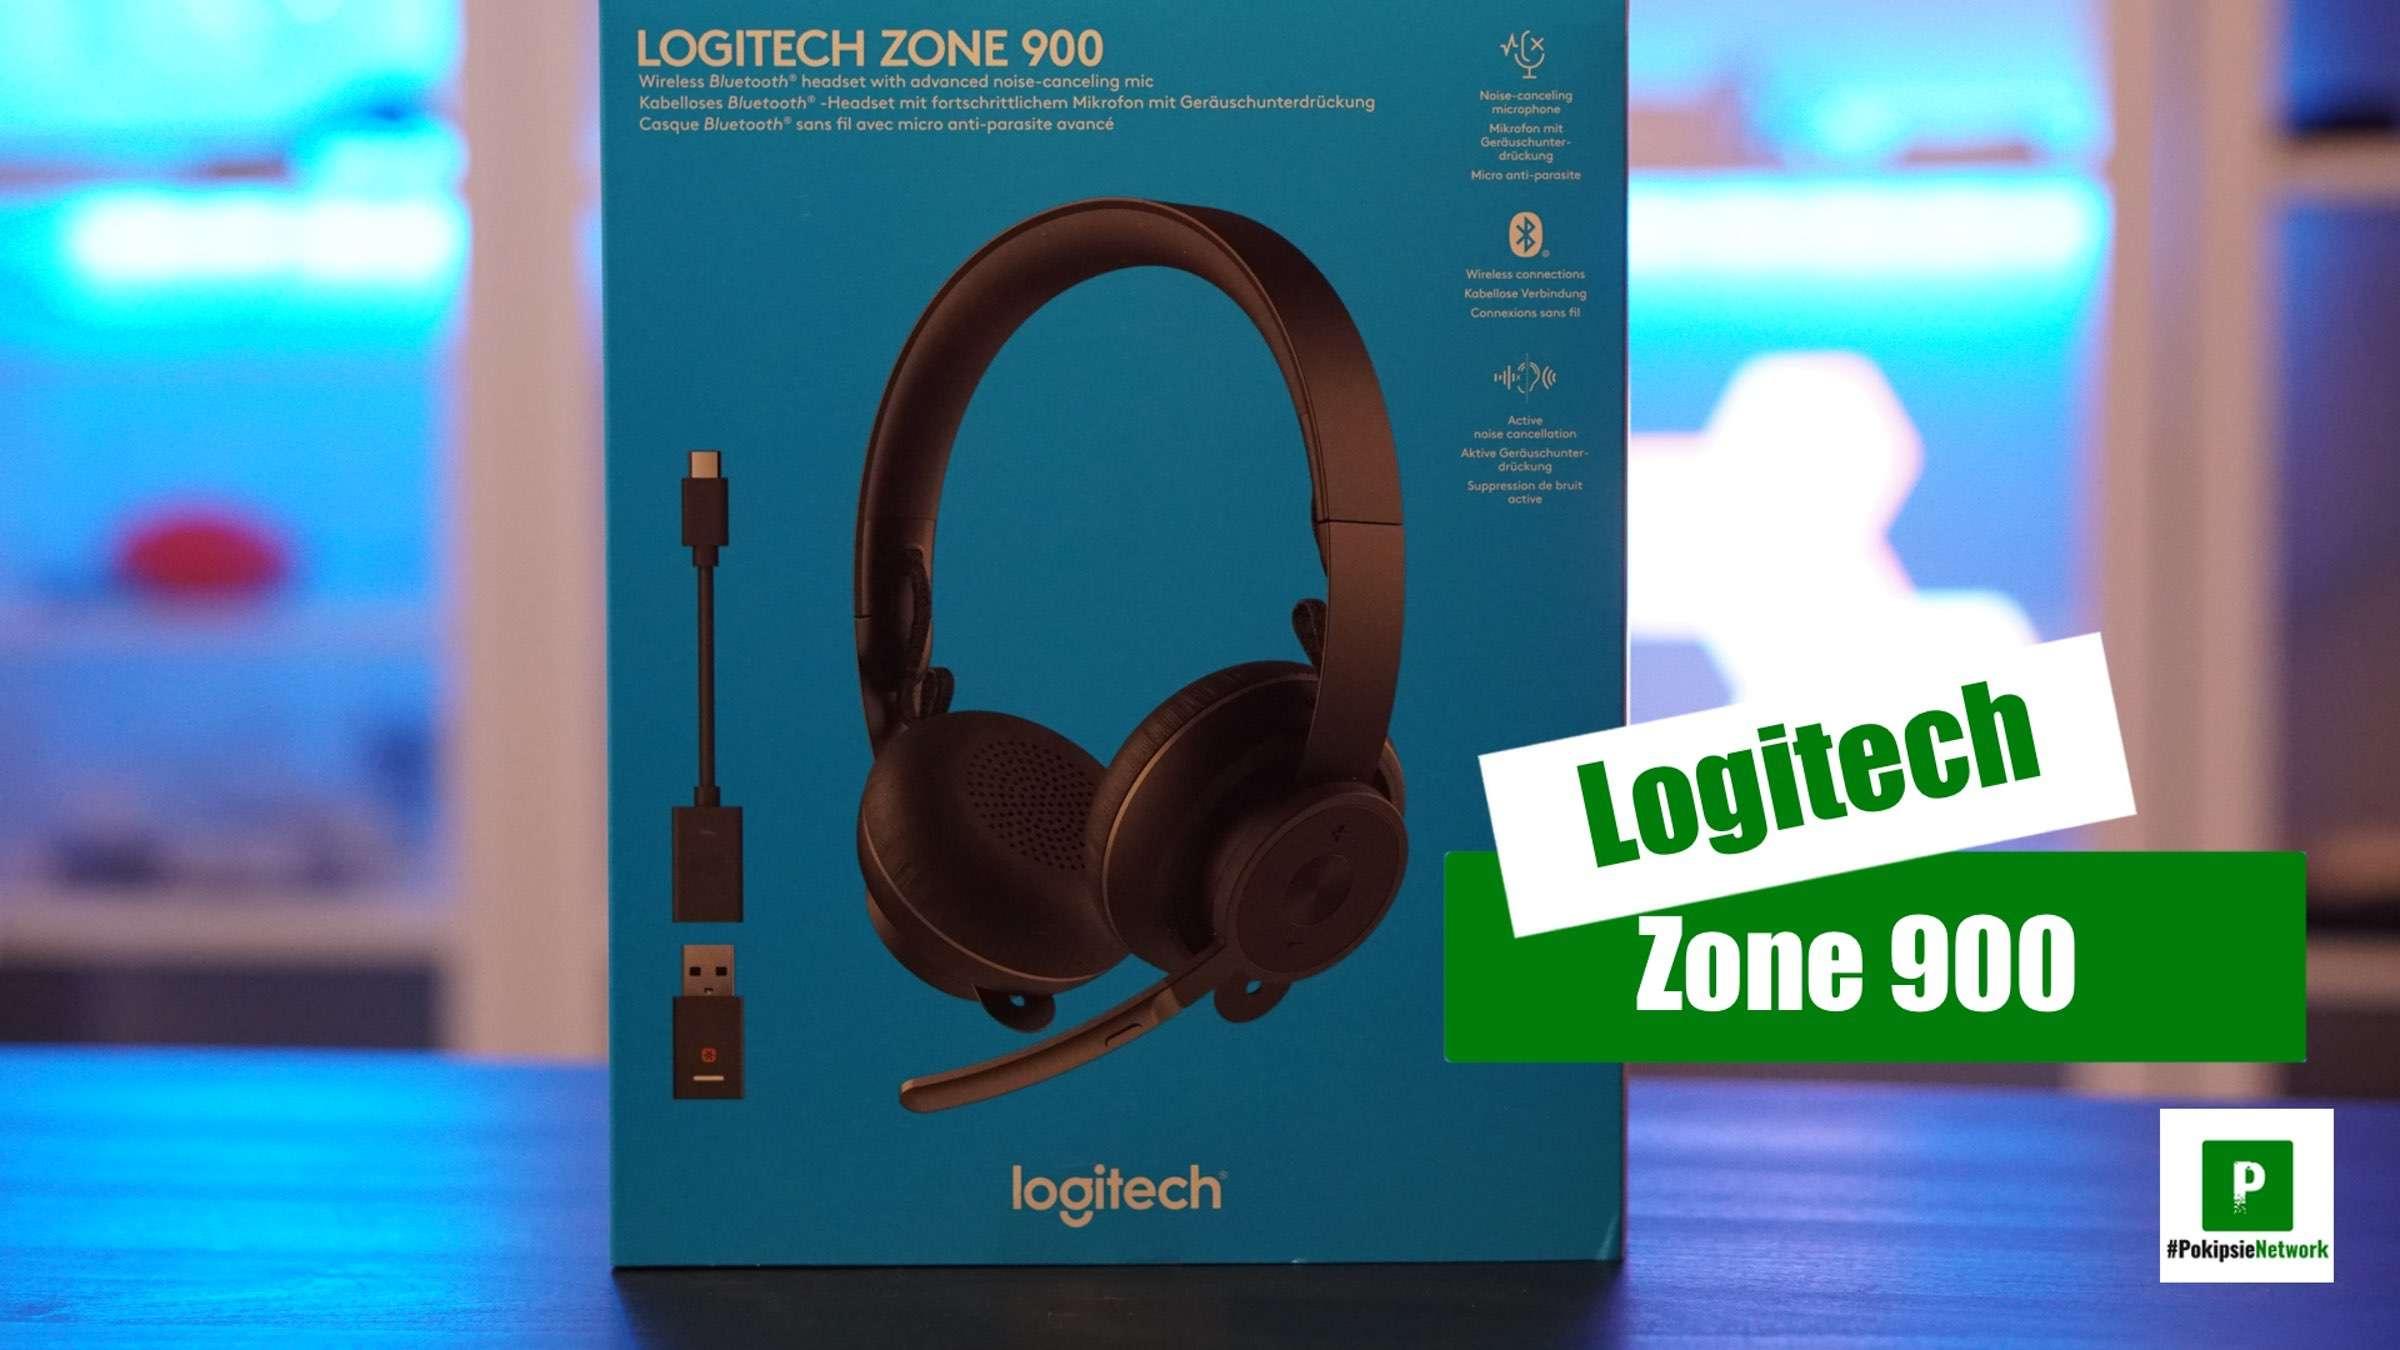 Logitech Zone 900